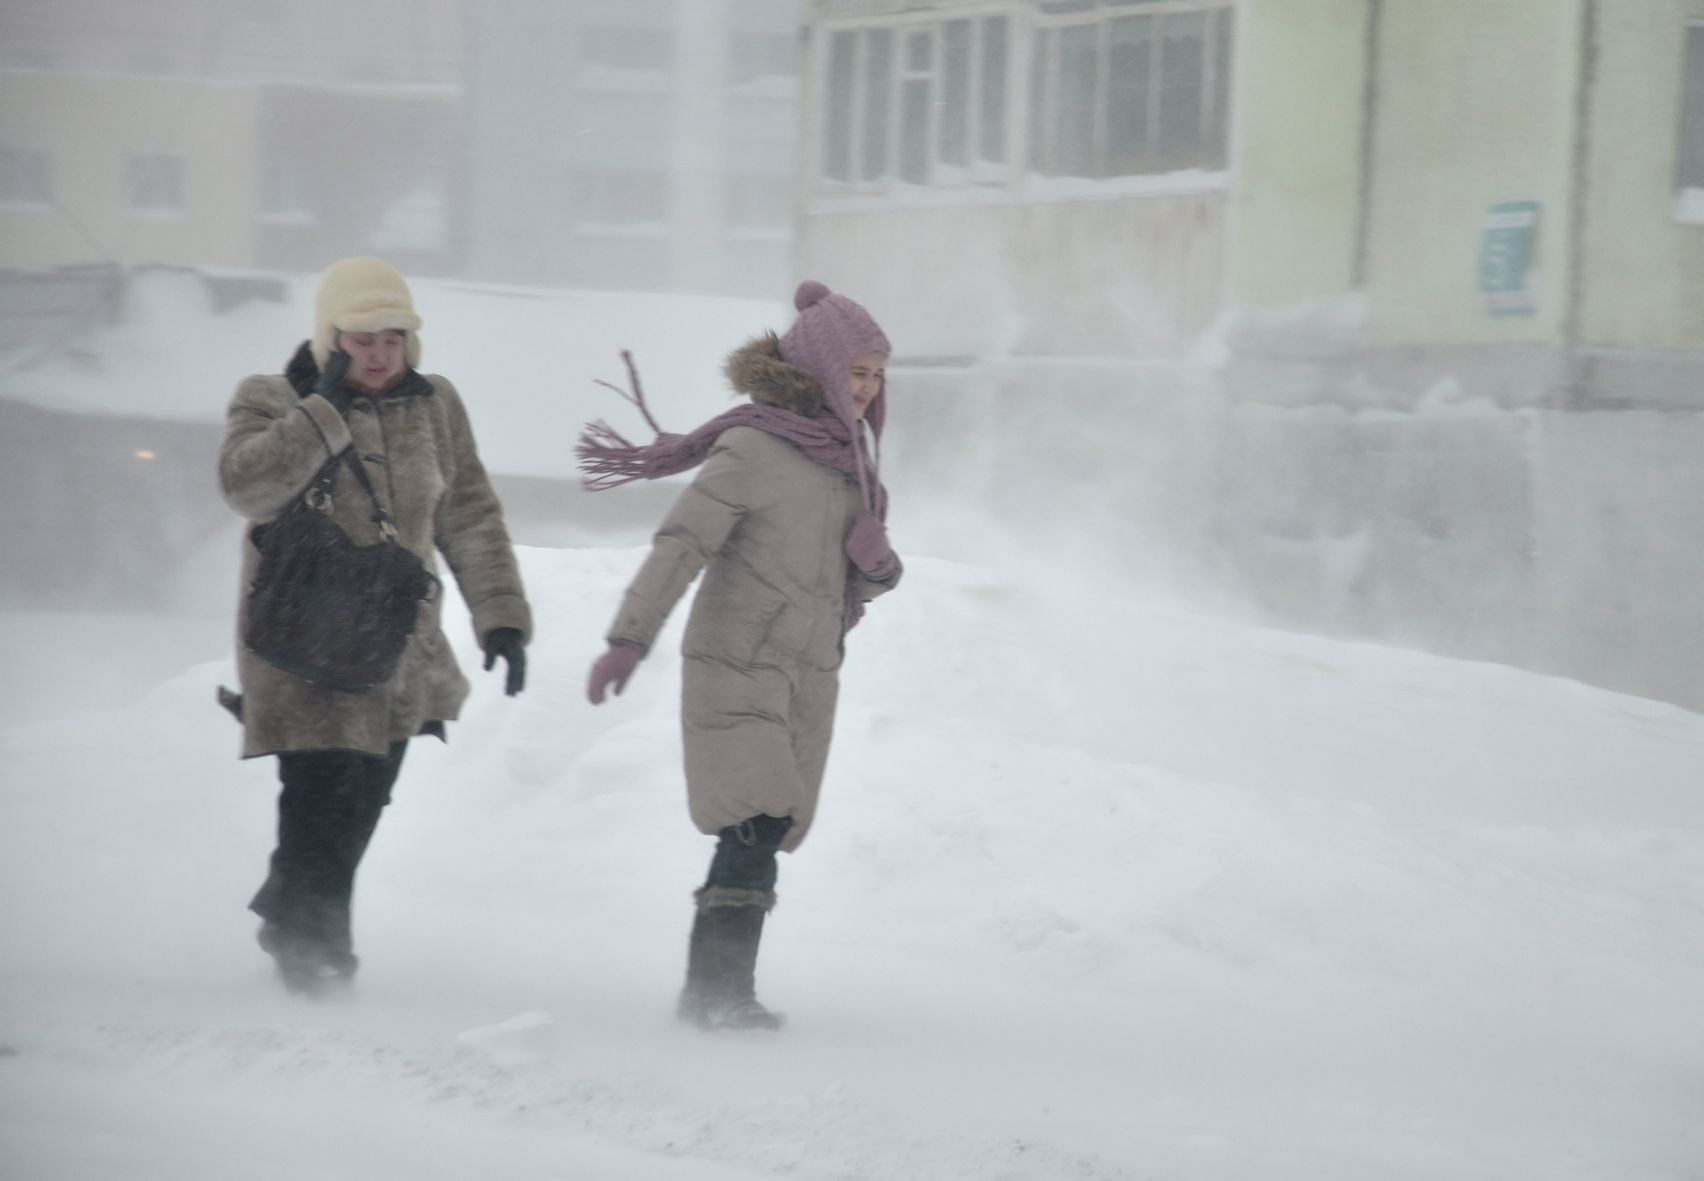 Штормовое предупреждение четвертые сутки действует в Норильске